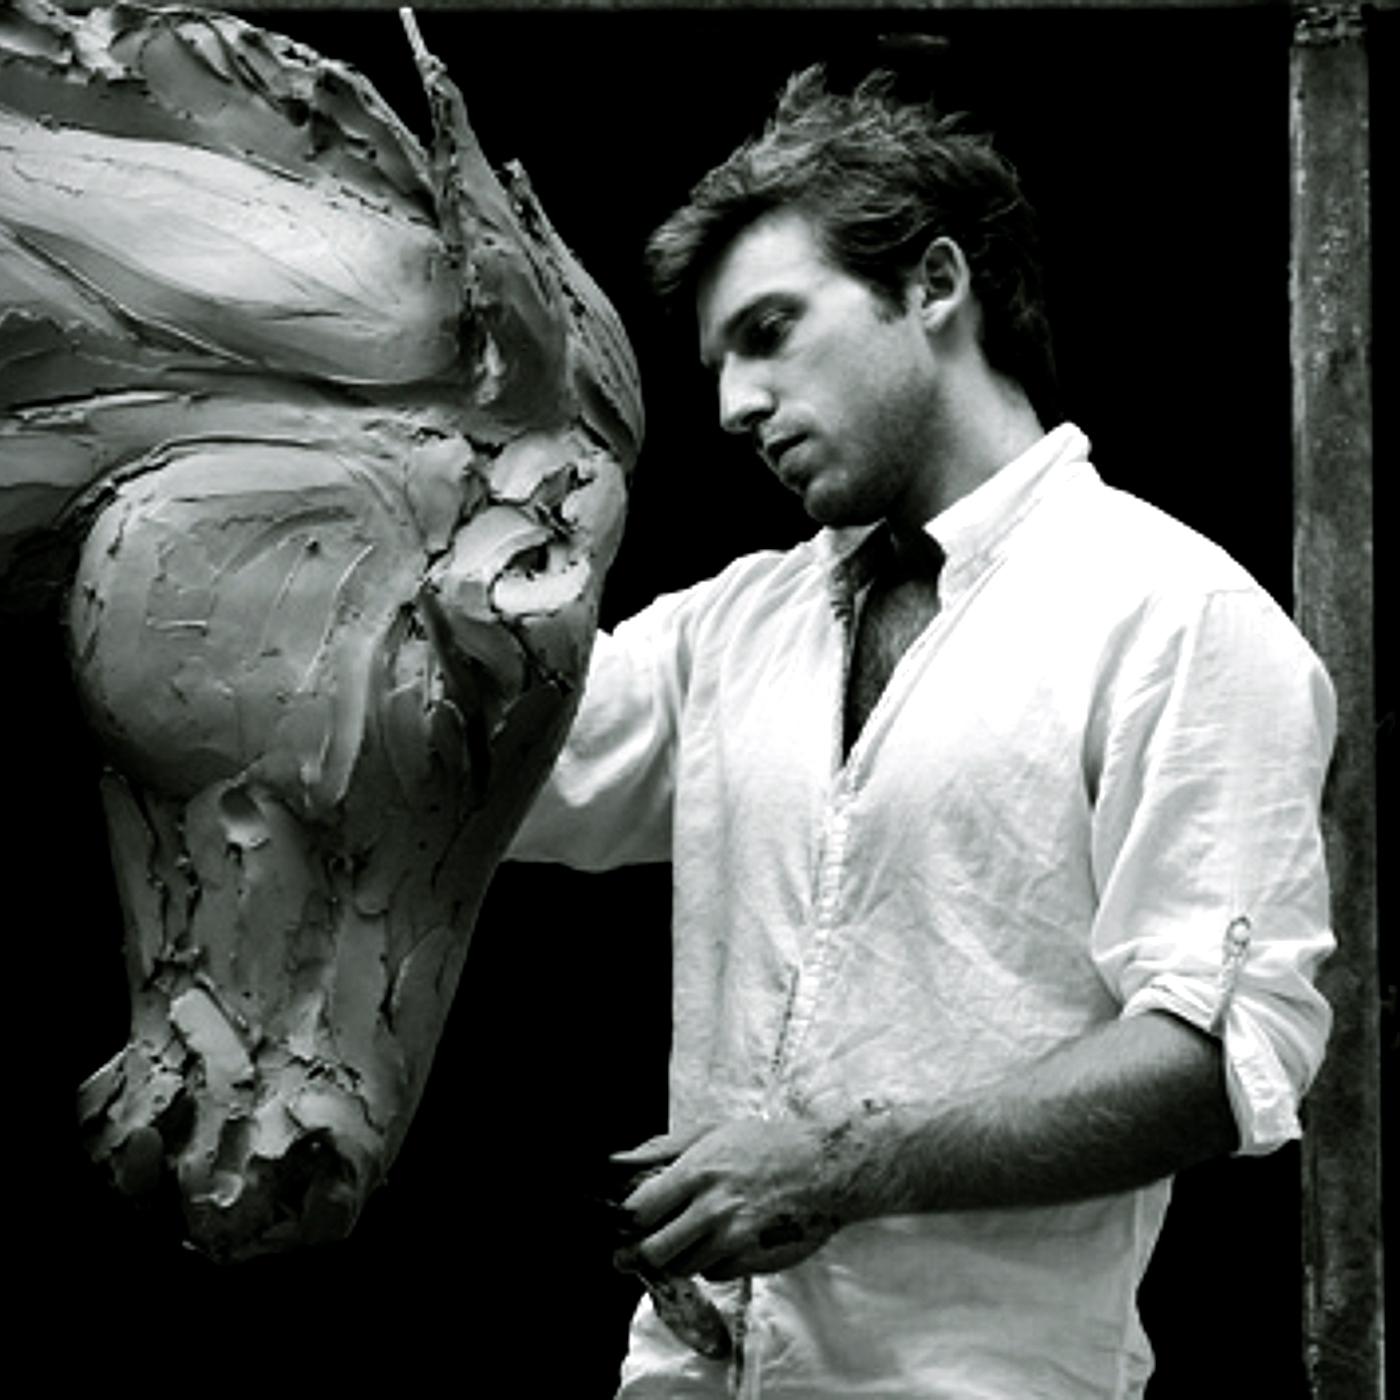 Episode 29 - Charlie Langton, Equestrian Sculptor